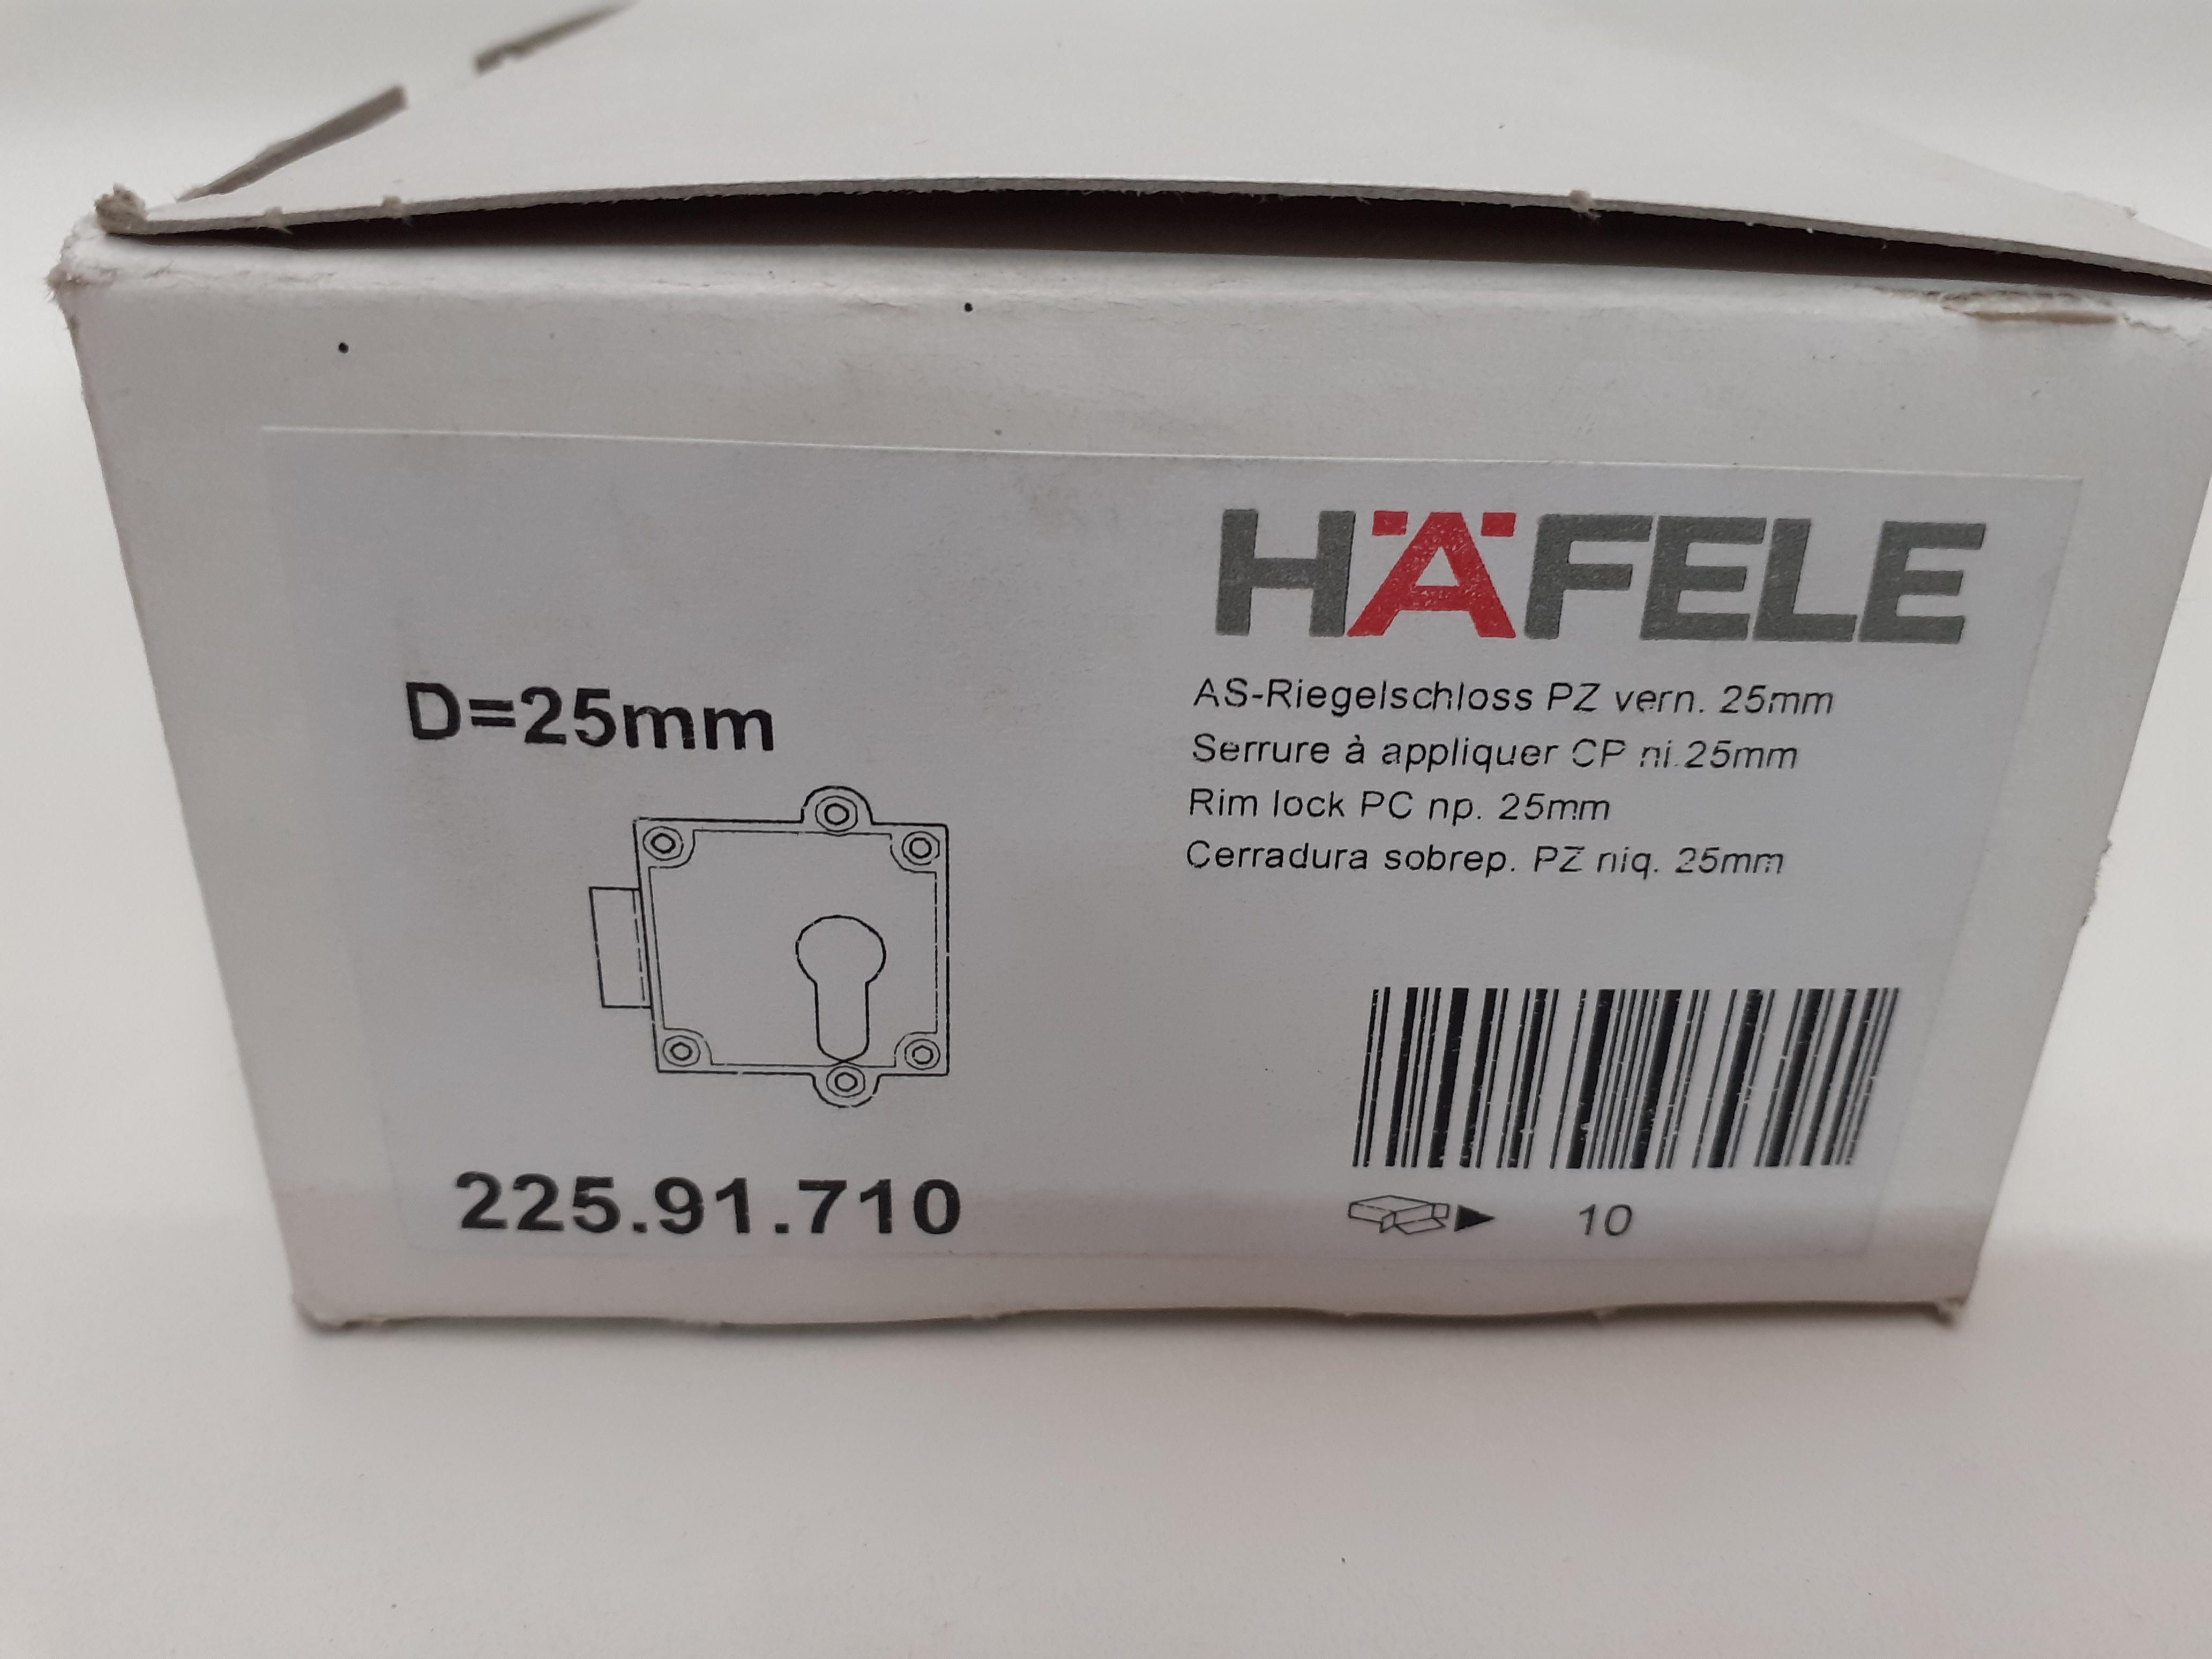 AS-Riegelschloss PZ vern. D=25mm